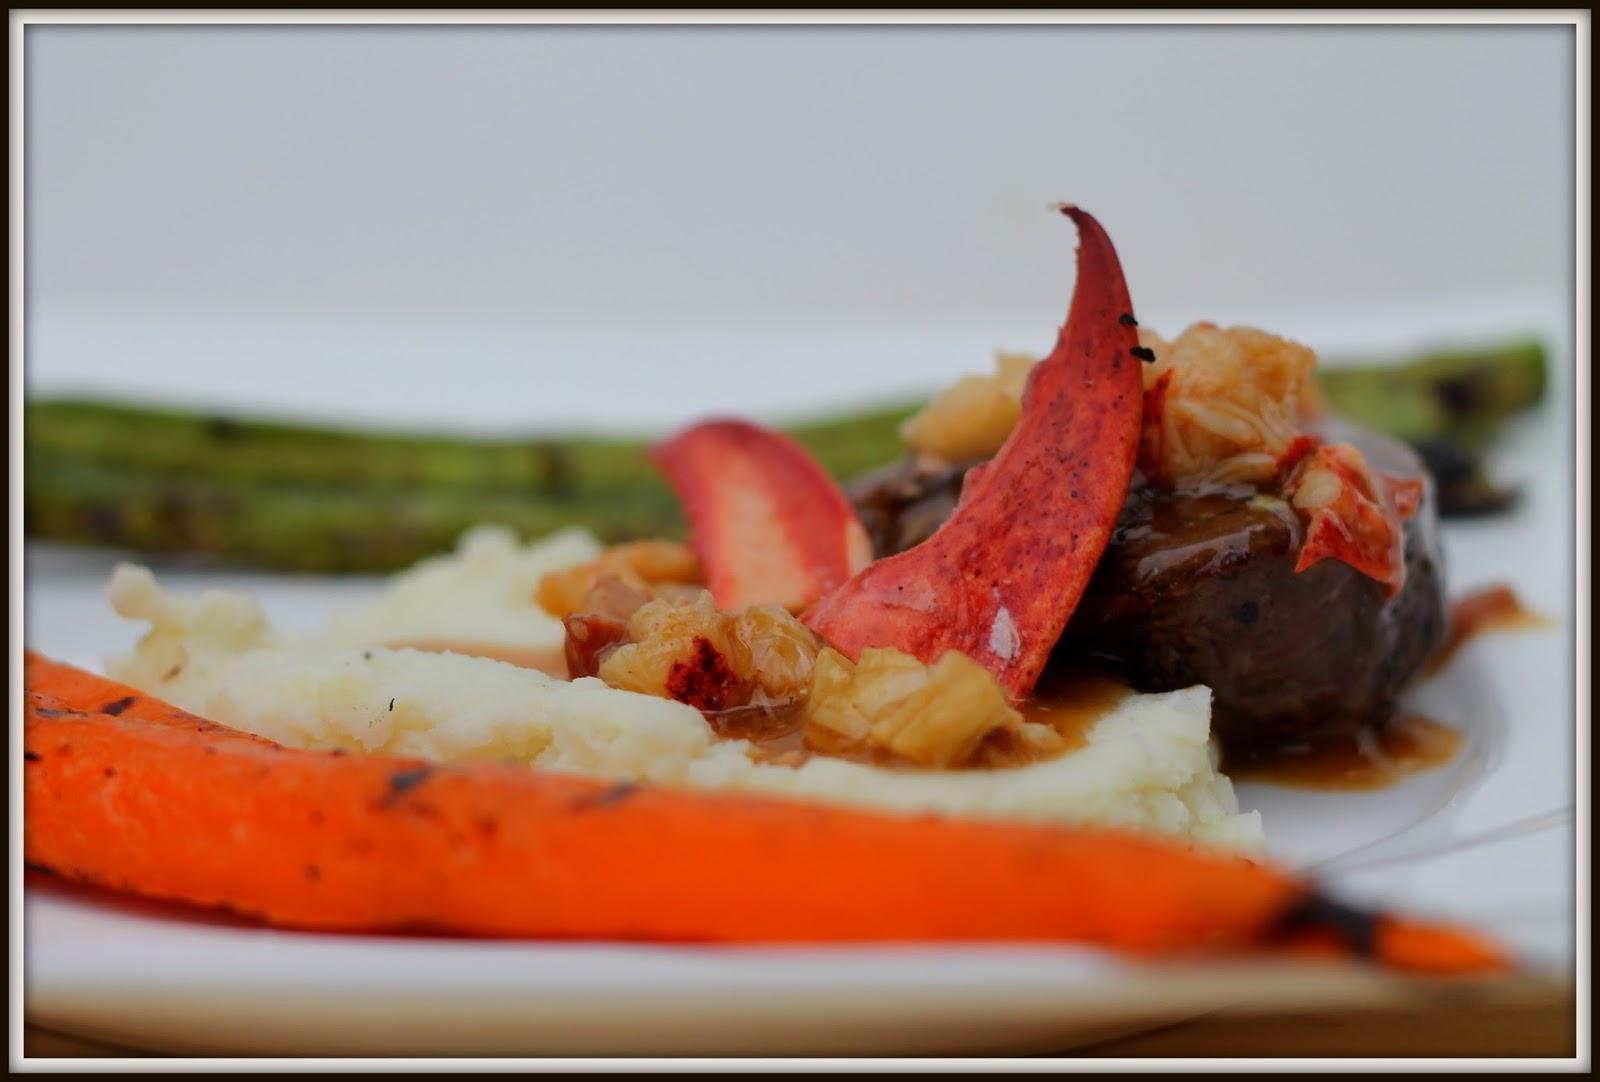 sauce au homard et vin blanc ou l 39 art de faire manger du homard quelqu 39 un qui n 39 aime pas les. Black Bedroom Furniture Sets. Home Design Ideas